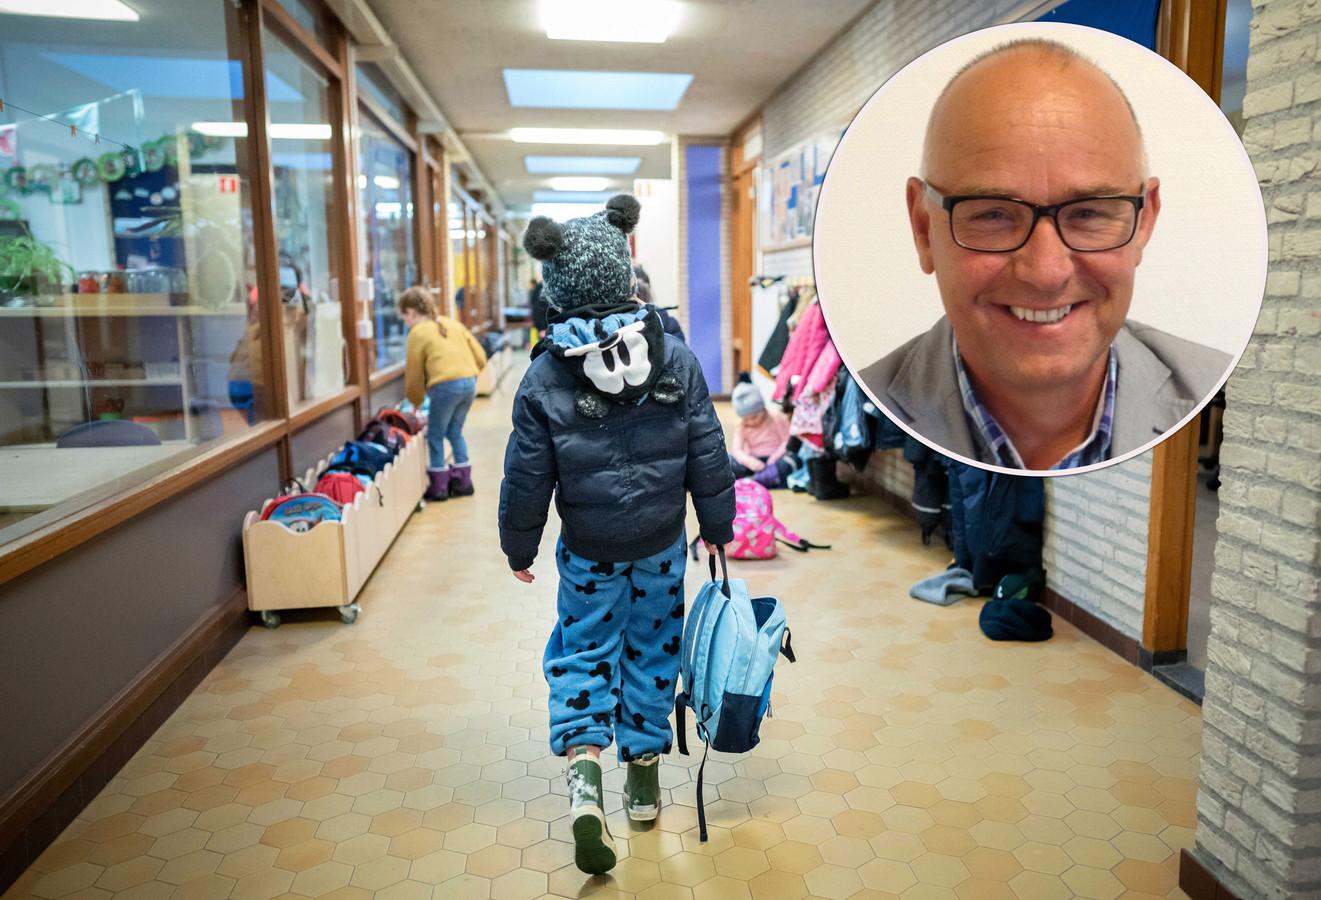 Henk Brink (portret) met foto ter illustratie van school.